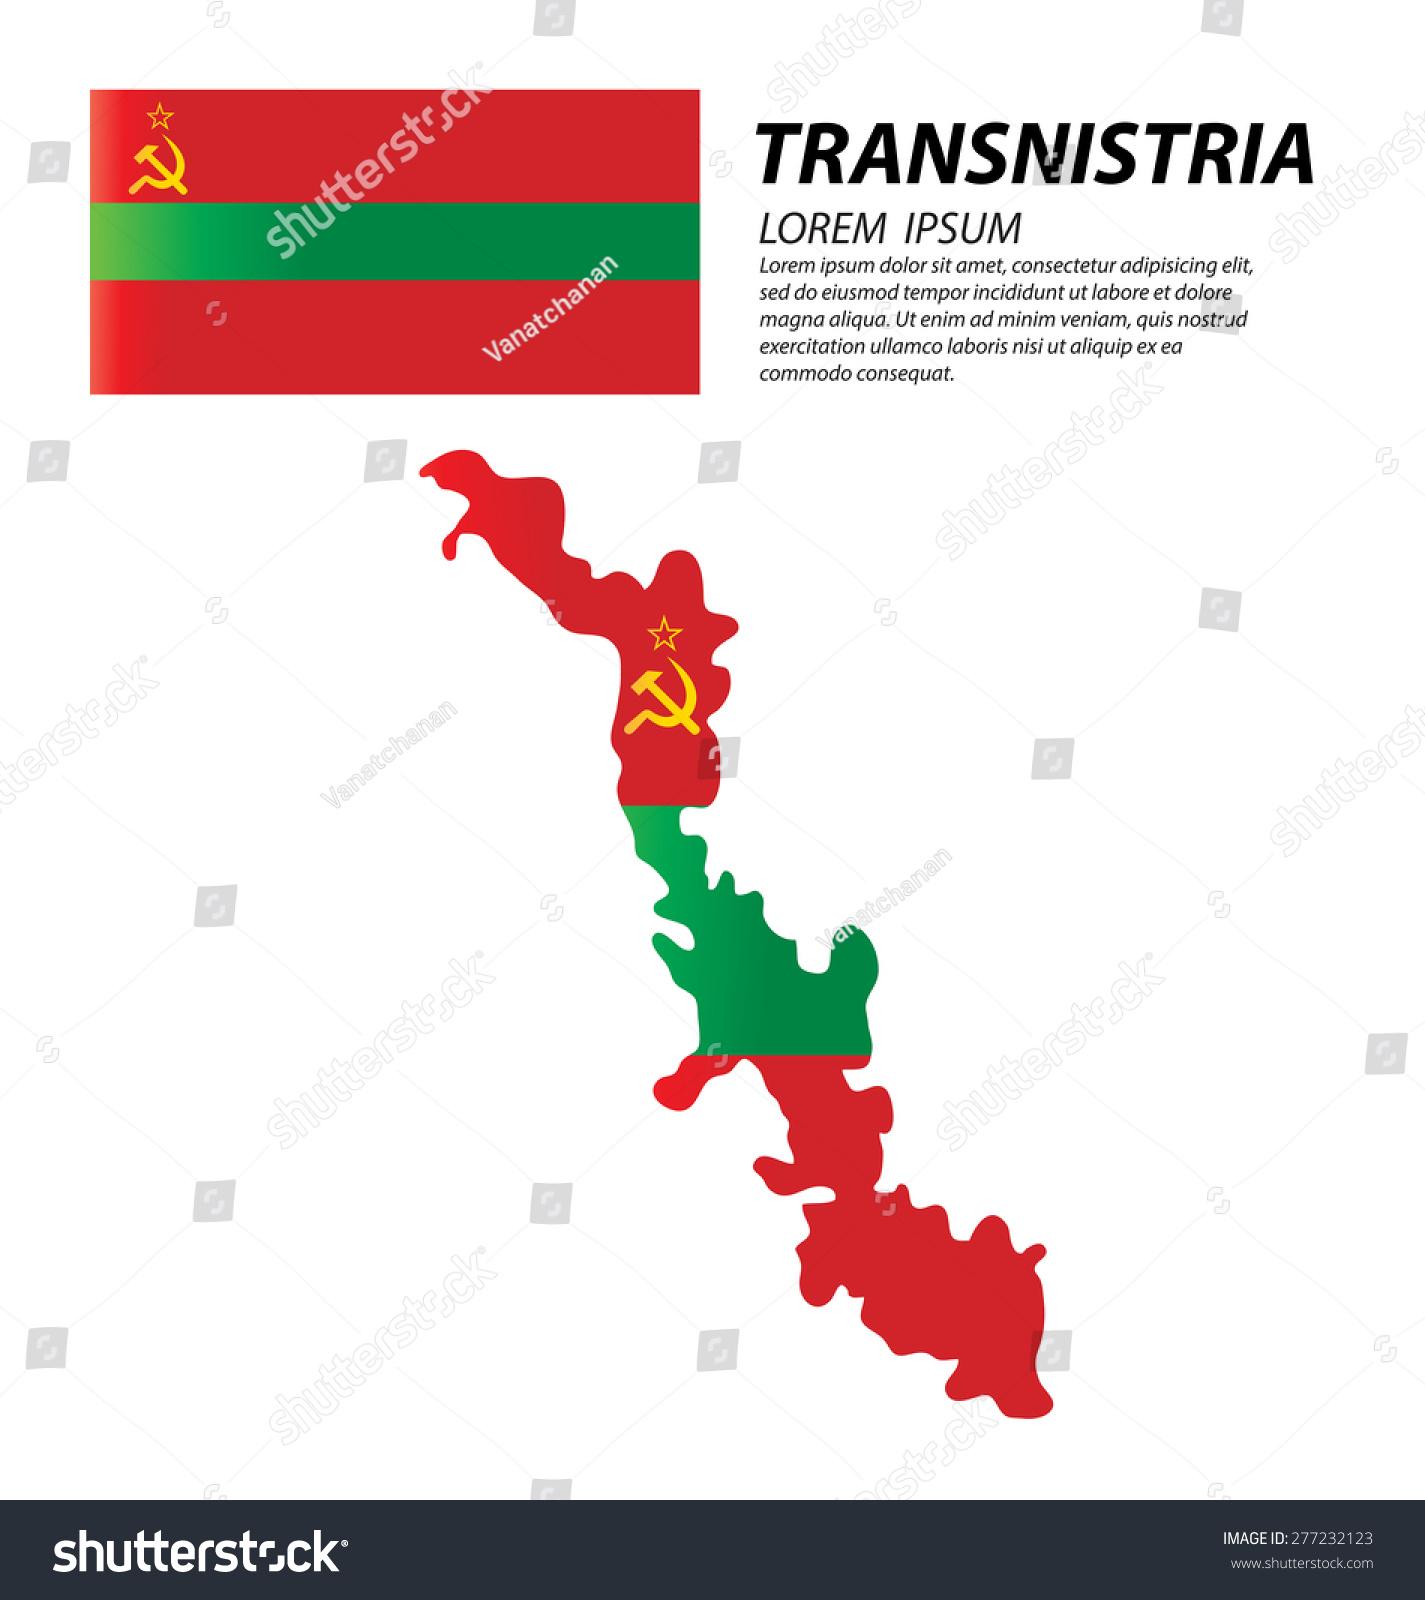 Transnistria Pridnestrovian Moldavian Republic Flag World Stock - Transnistria map